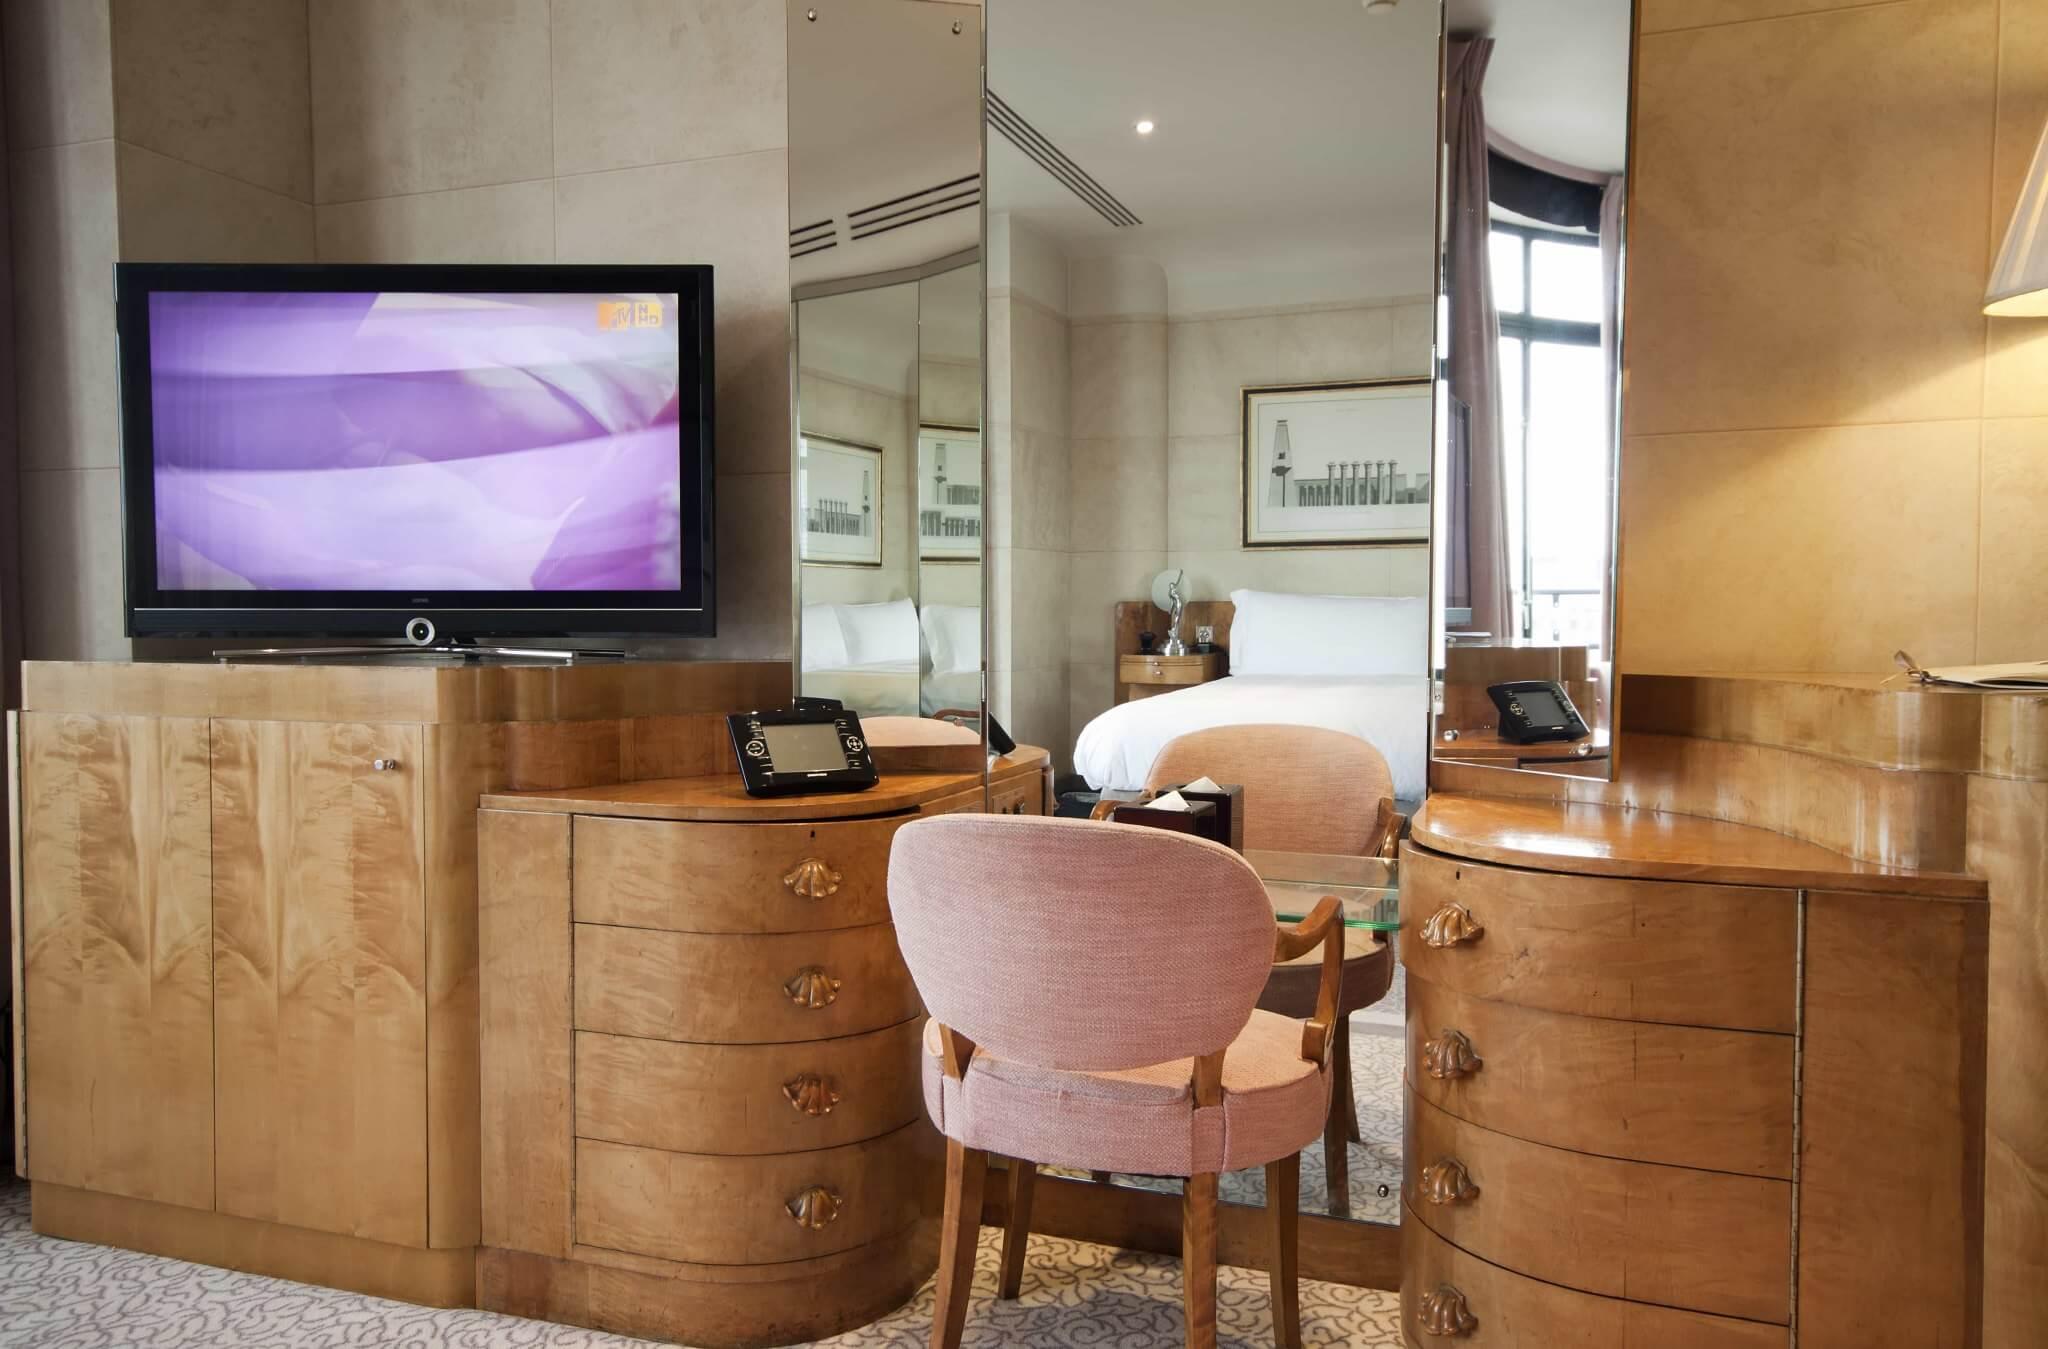 Crestron Installation in Claridges Hotel